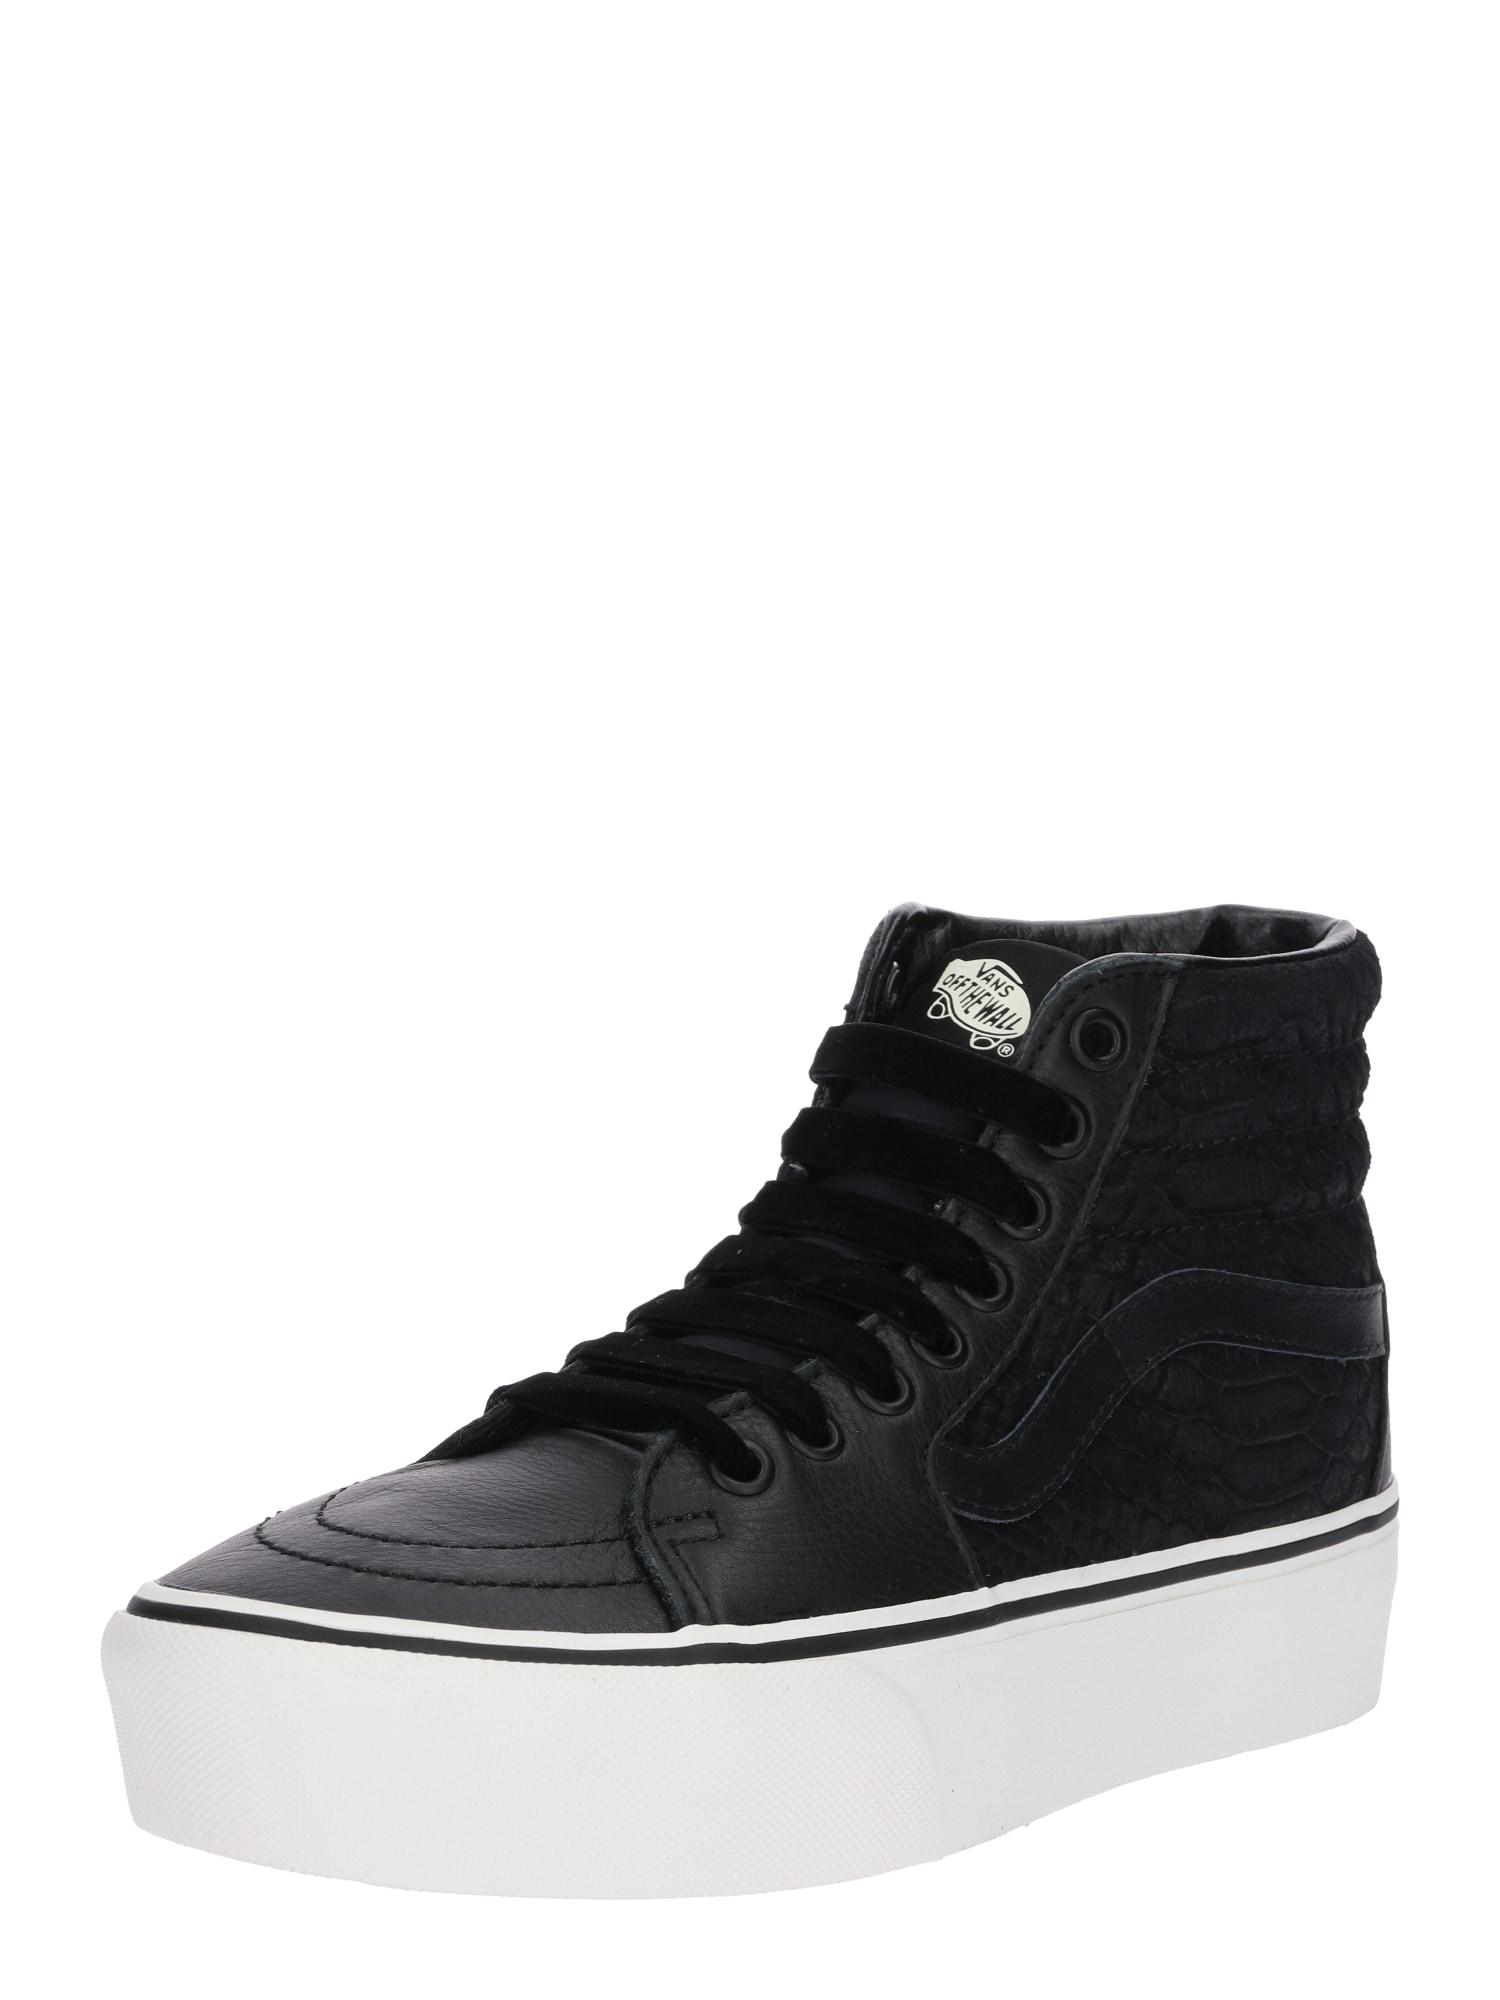 VANS, Dames Sneakers hoog 'SK8-HI PLATFORM 2.0', zwart / wit